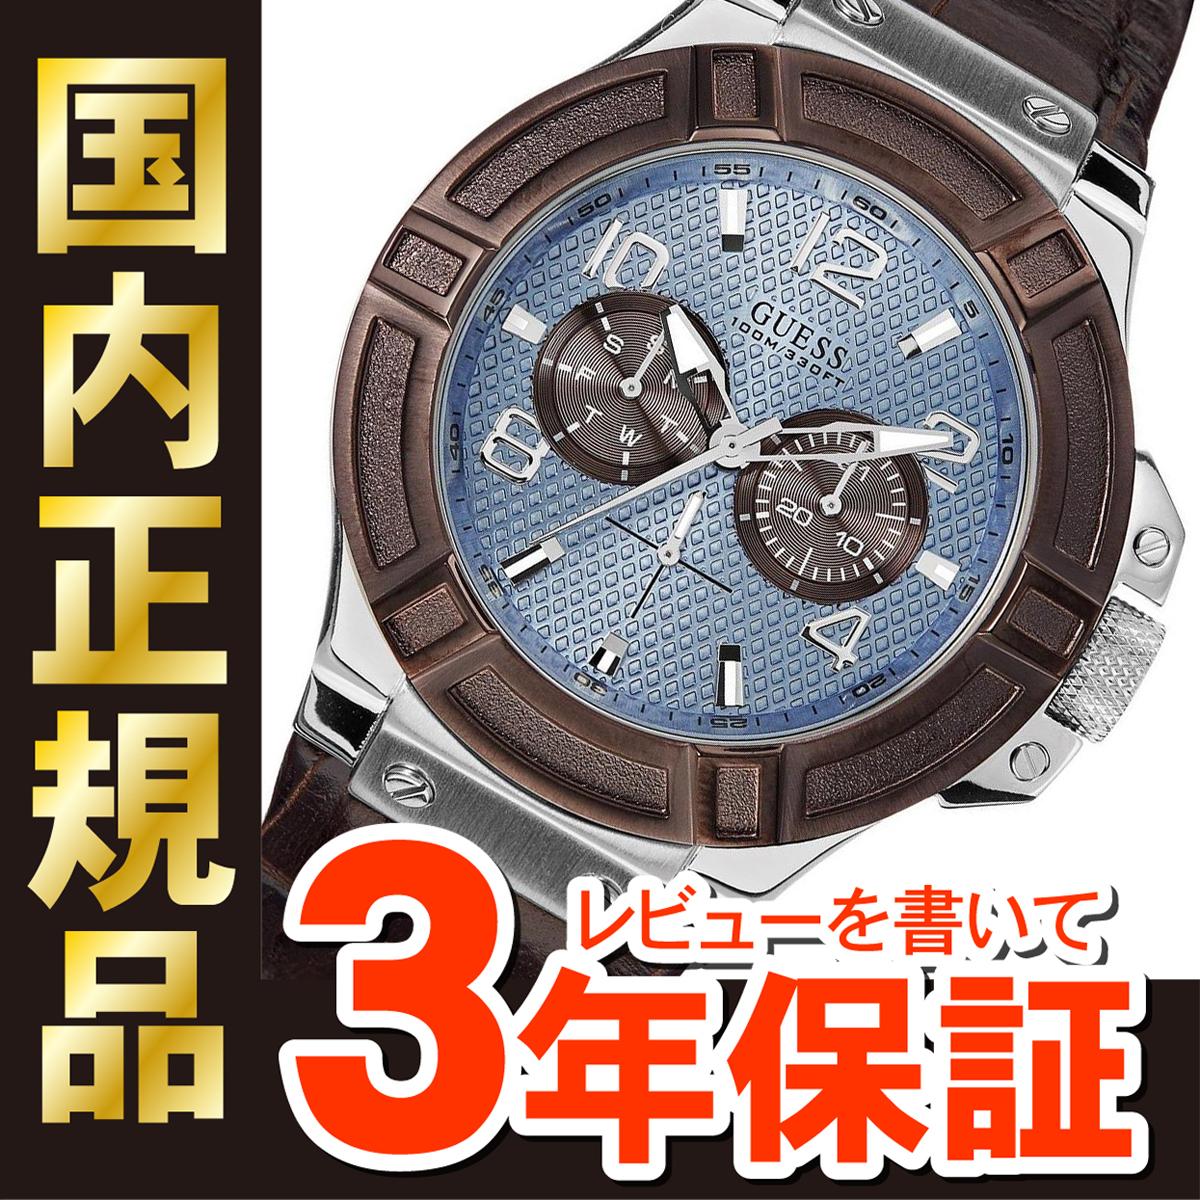 【先着限定!LINE@1,000円OFFクーポン】GUESS ゲス 腕時計 メンズ RIGOR リガー W0040G10【正規品】【送料無料】【ラッピング無料】_20spl【店頭受取対応商品】